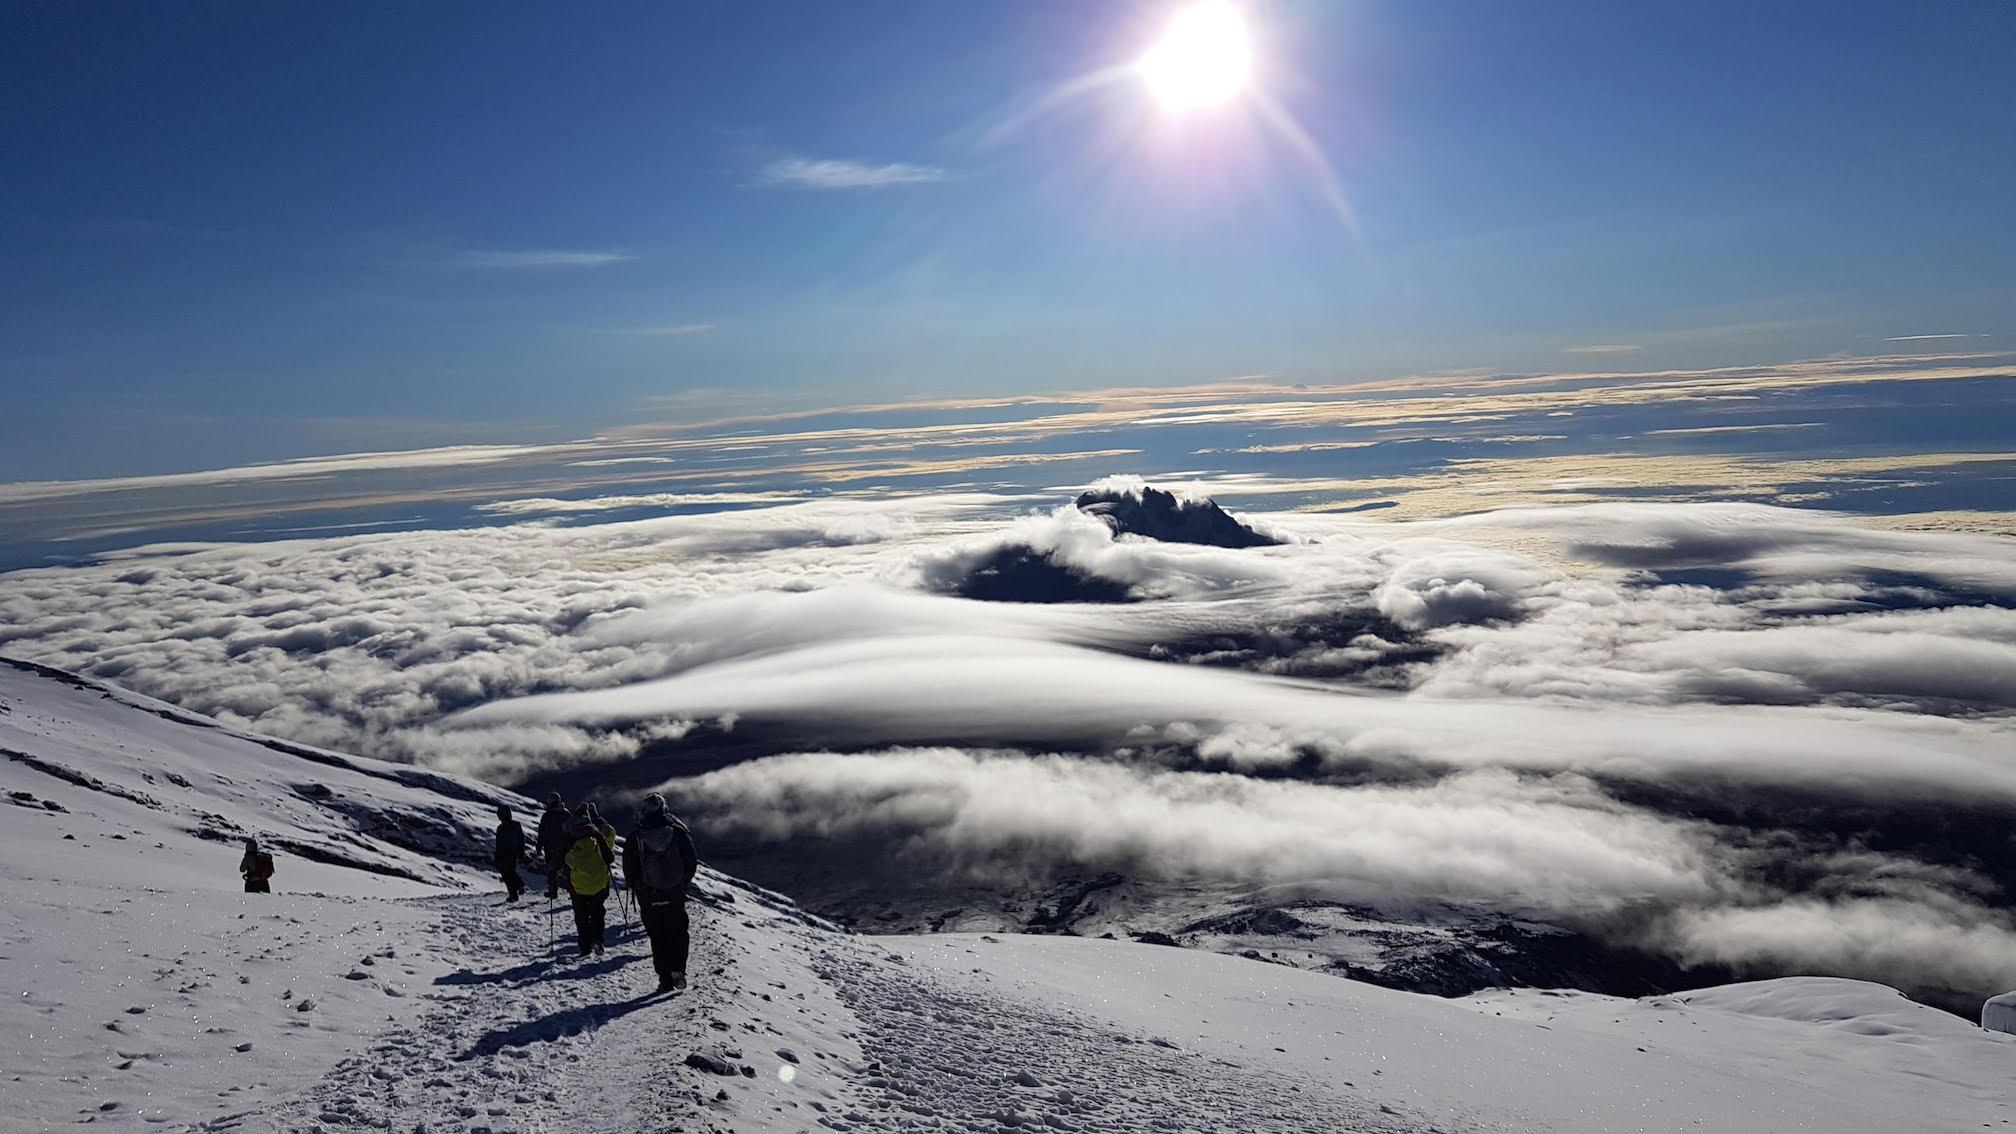 Climbing Kilimanjaro with Earth's Edge peak